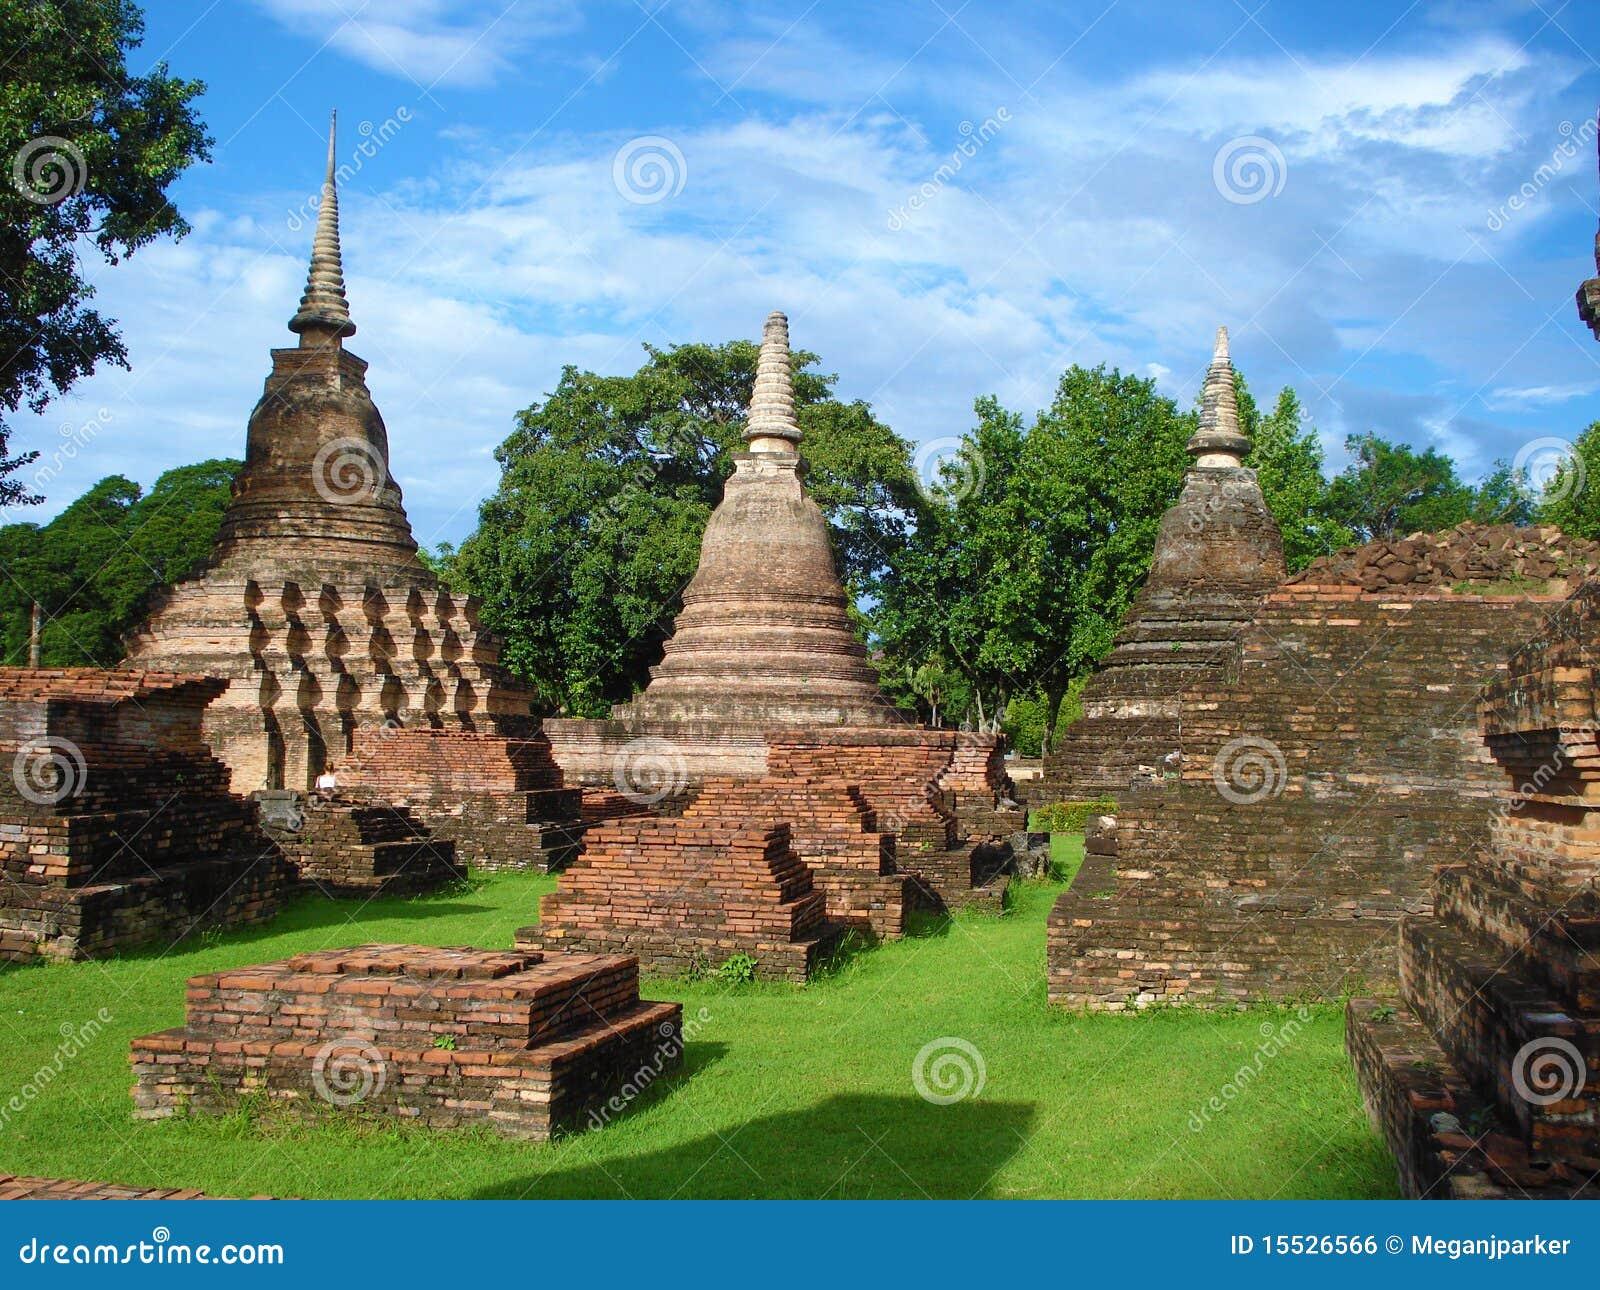 Kingdom of Ayutthaya